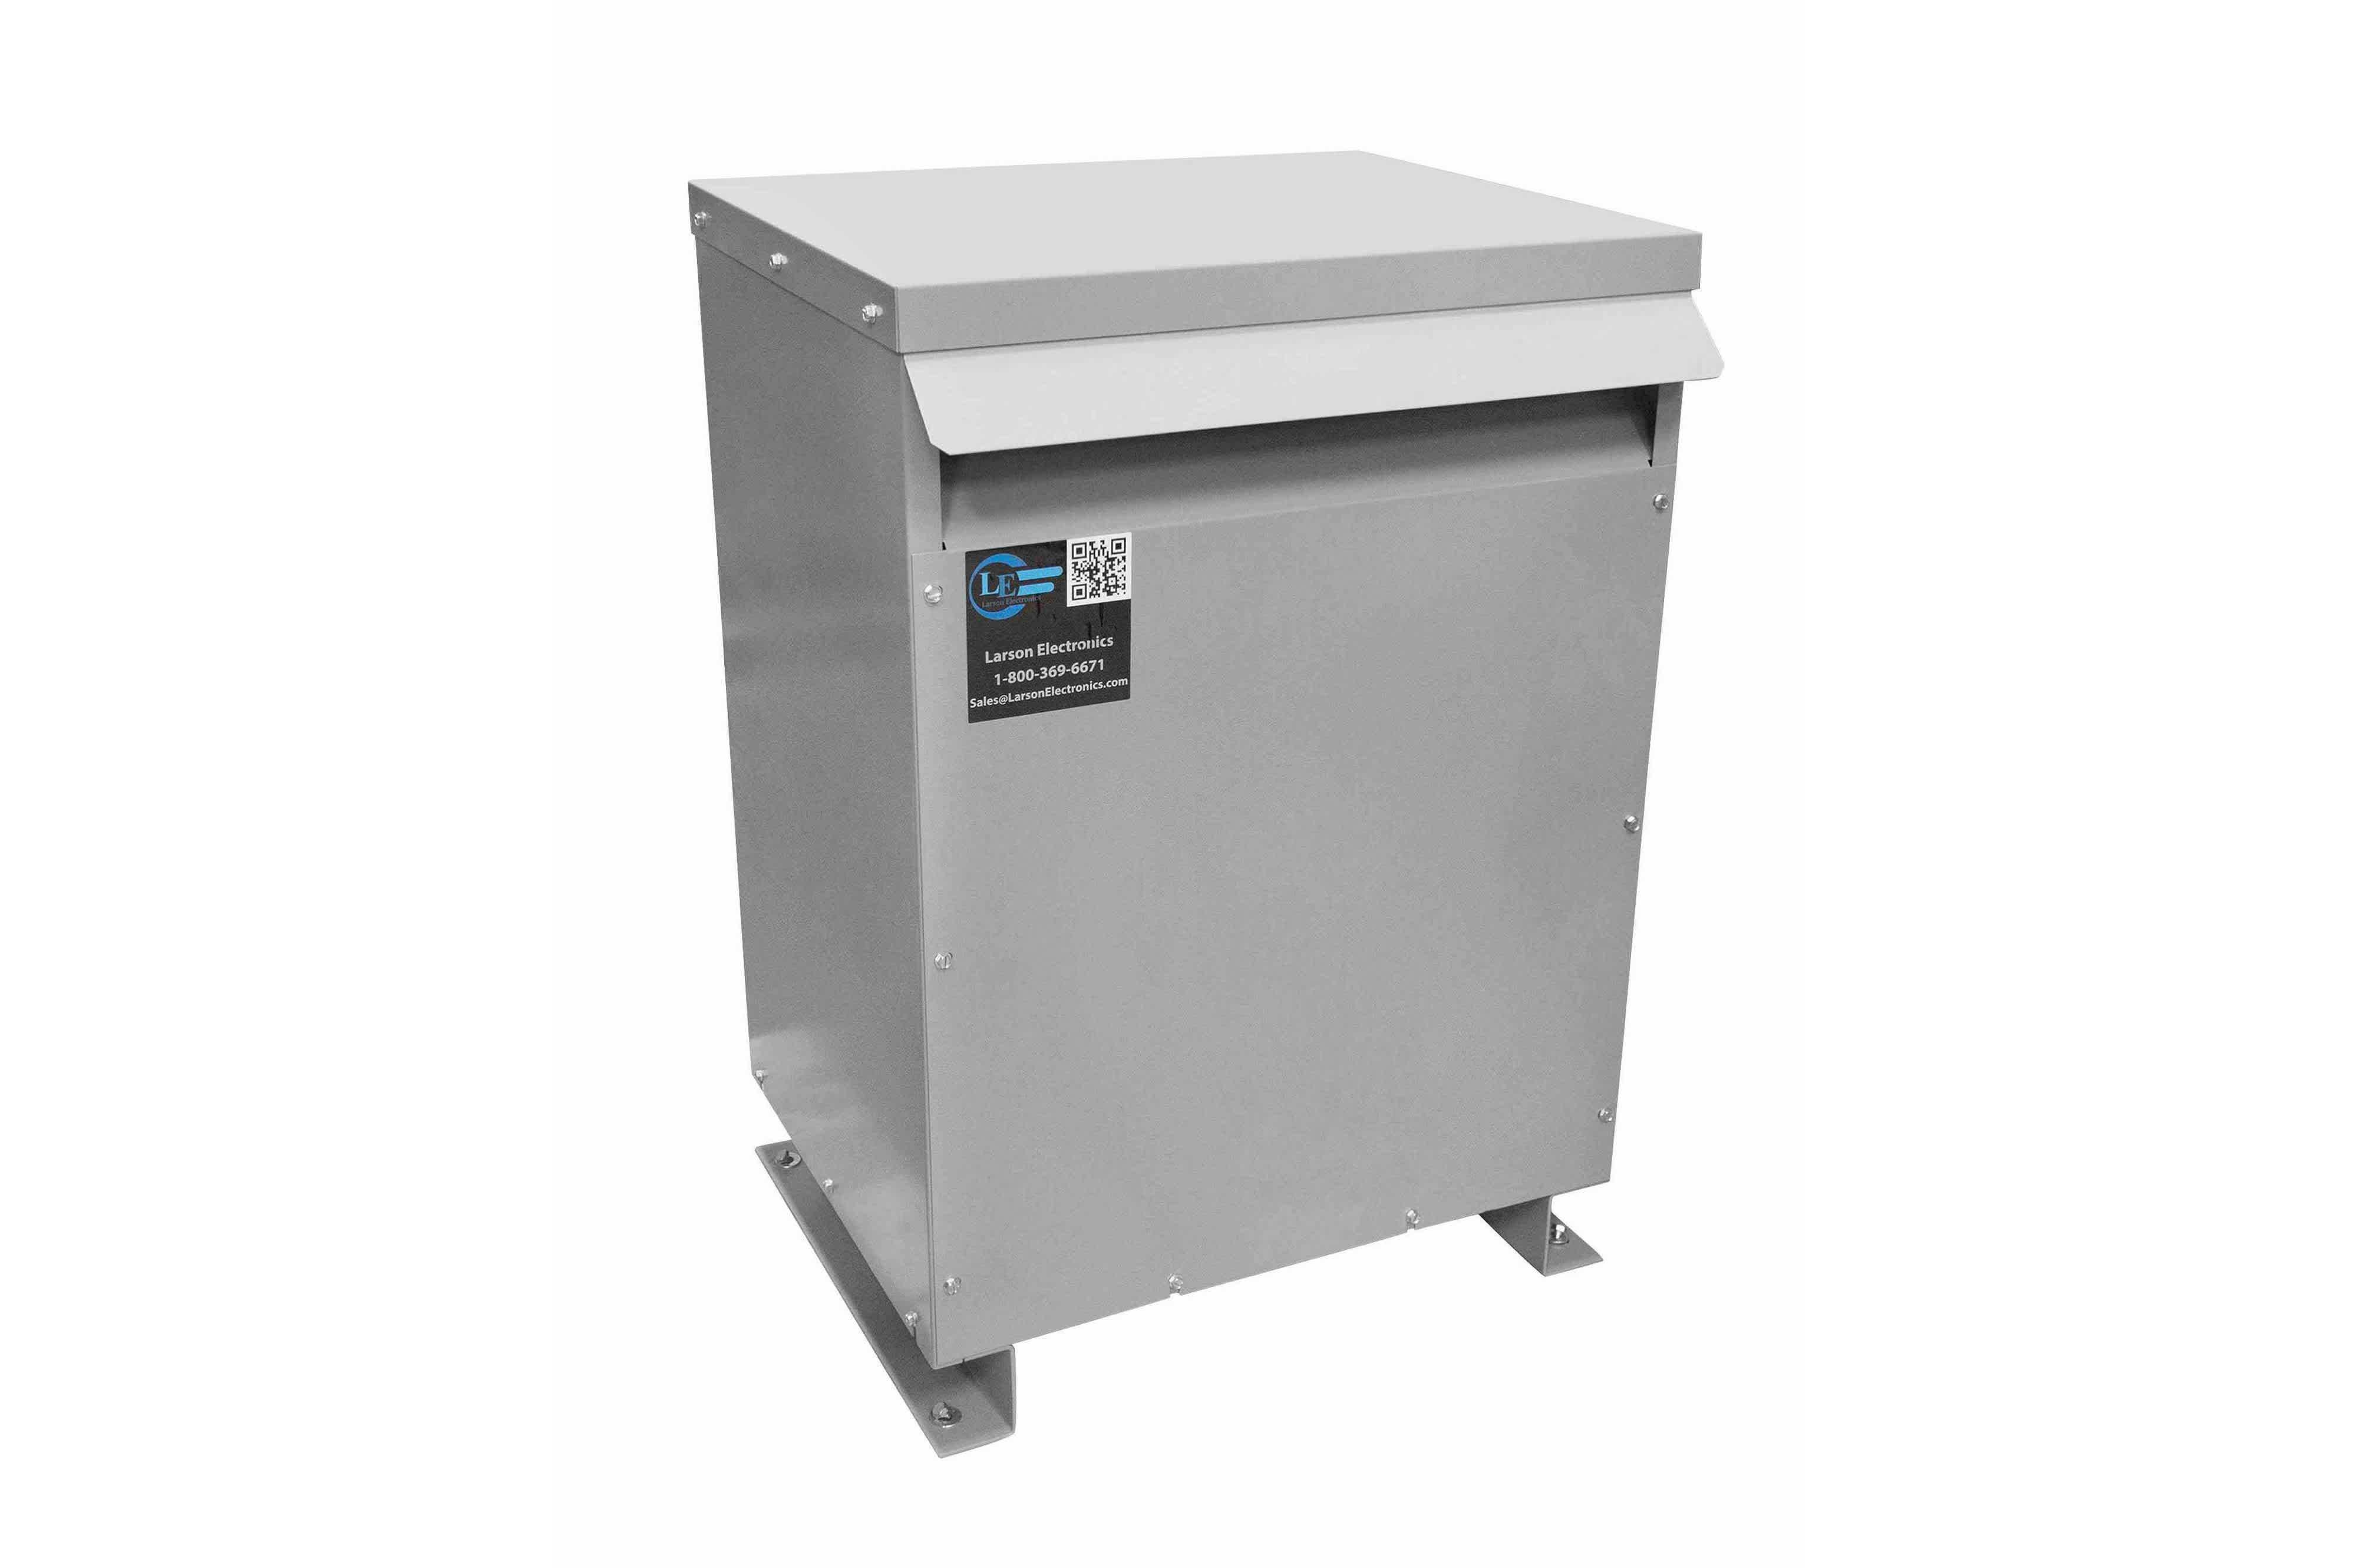 28 kVA 3PH DOE Transformer, 415V Delta Primary, 240V/120 Delta Secondary, N3R, Ventilated, 60 Hz